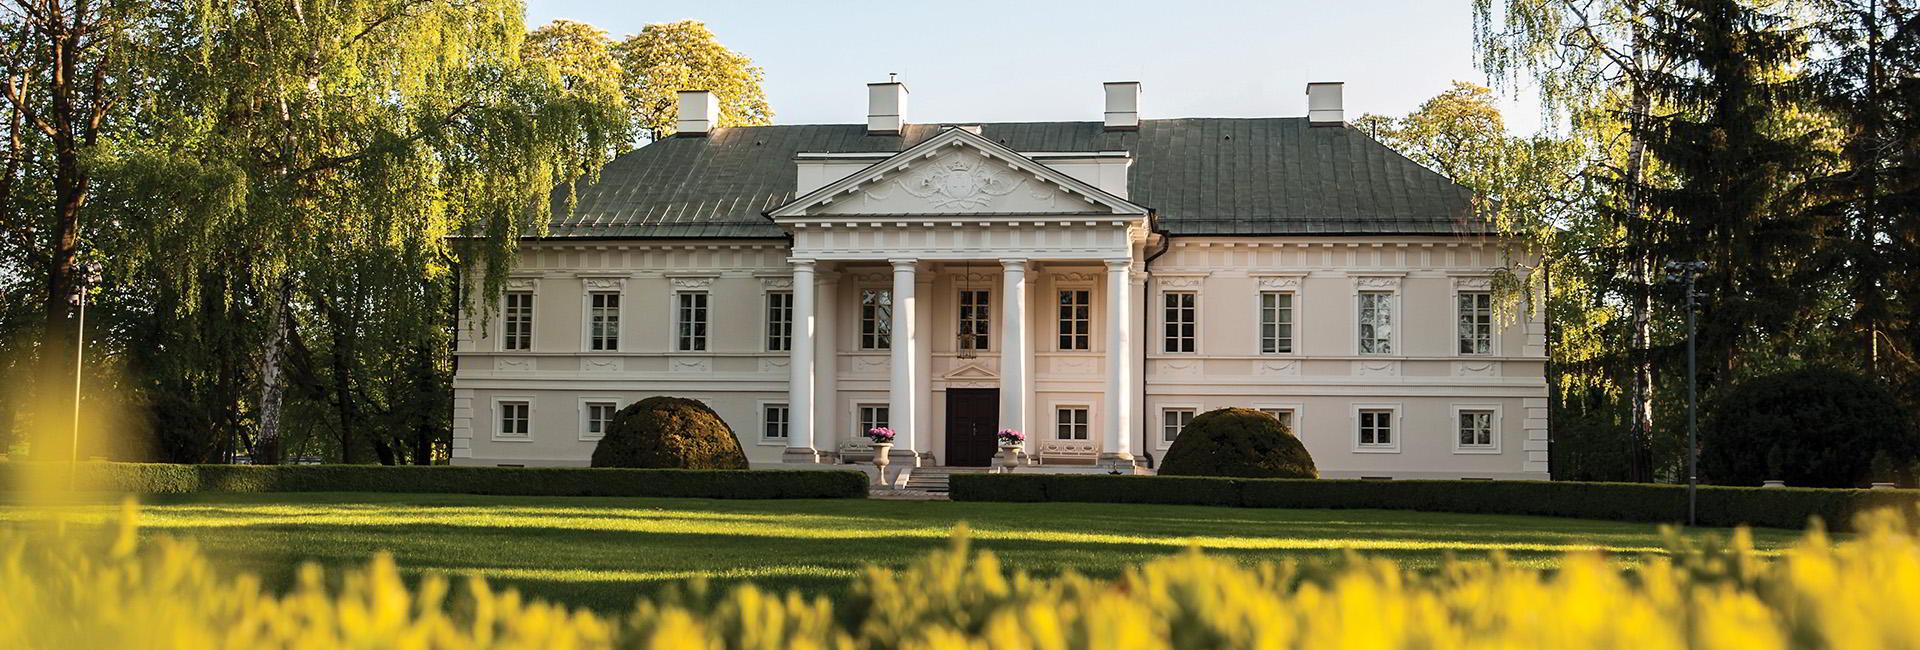 Hotel Mala Wies Palace